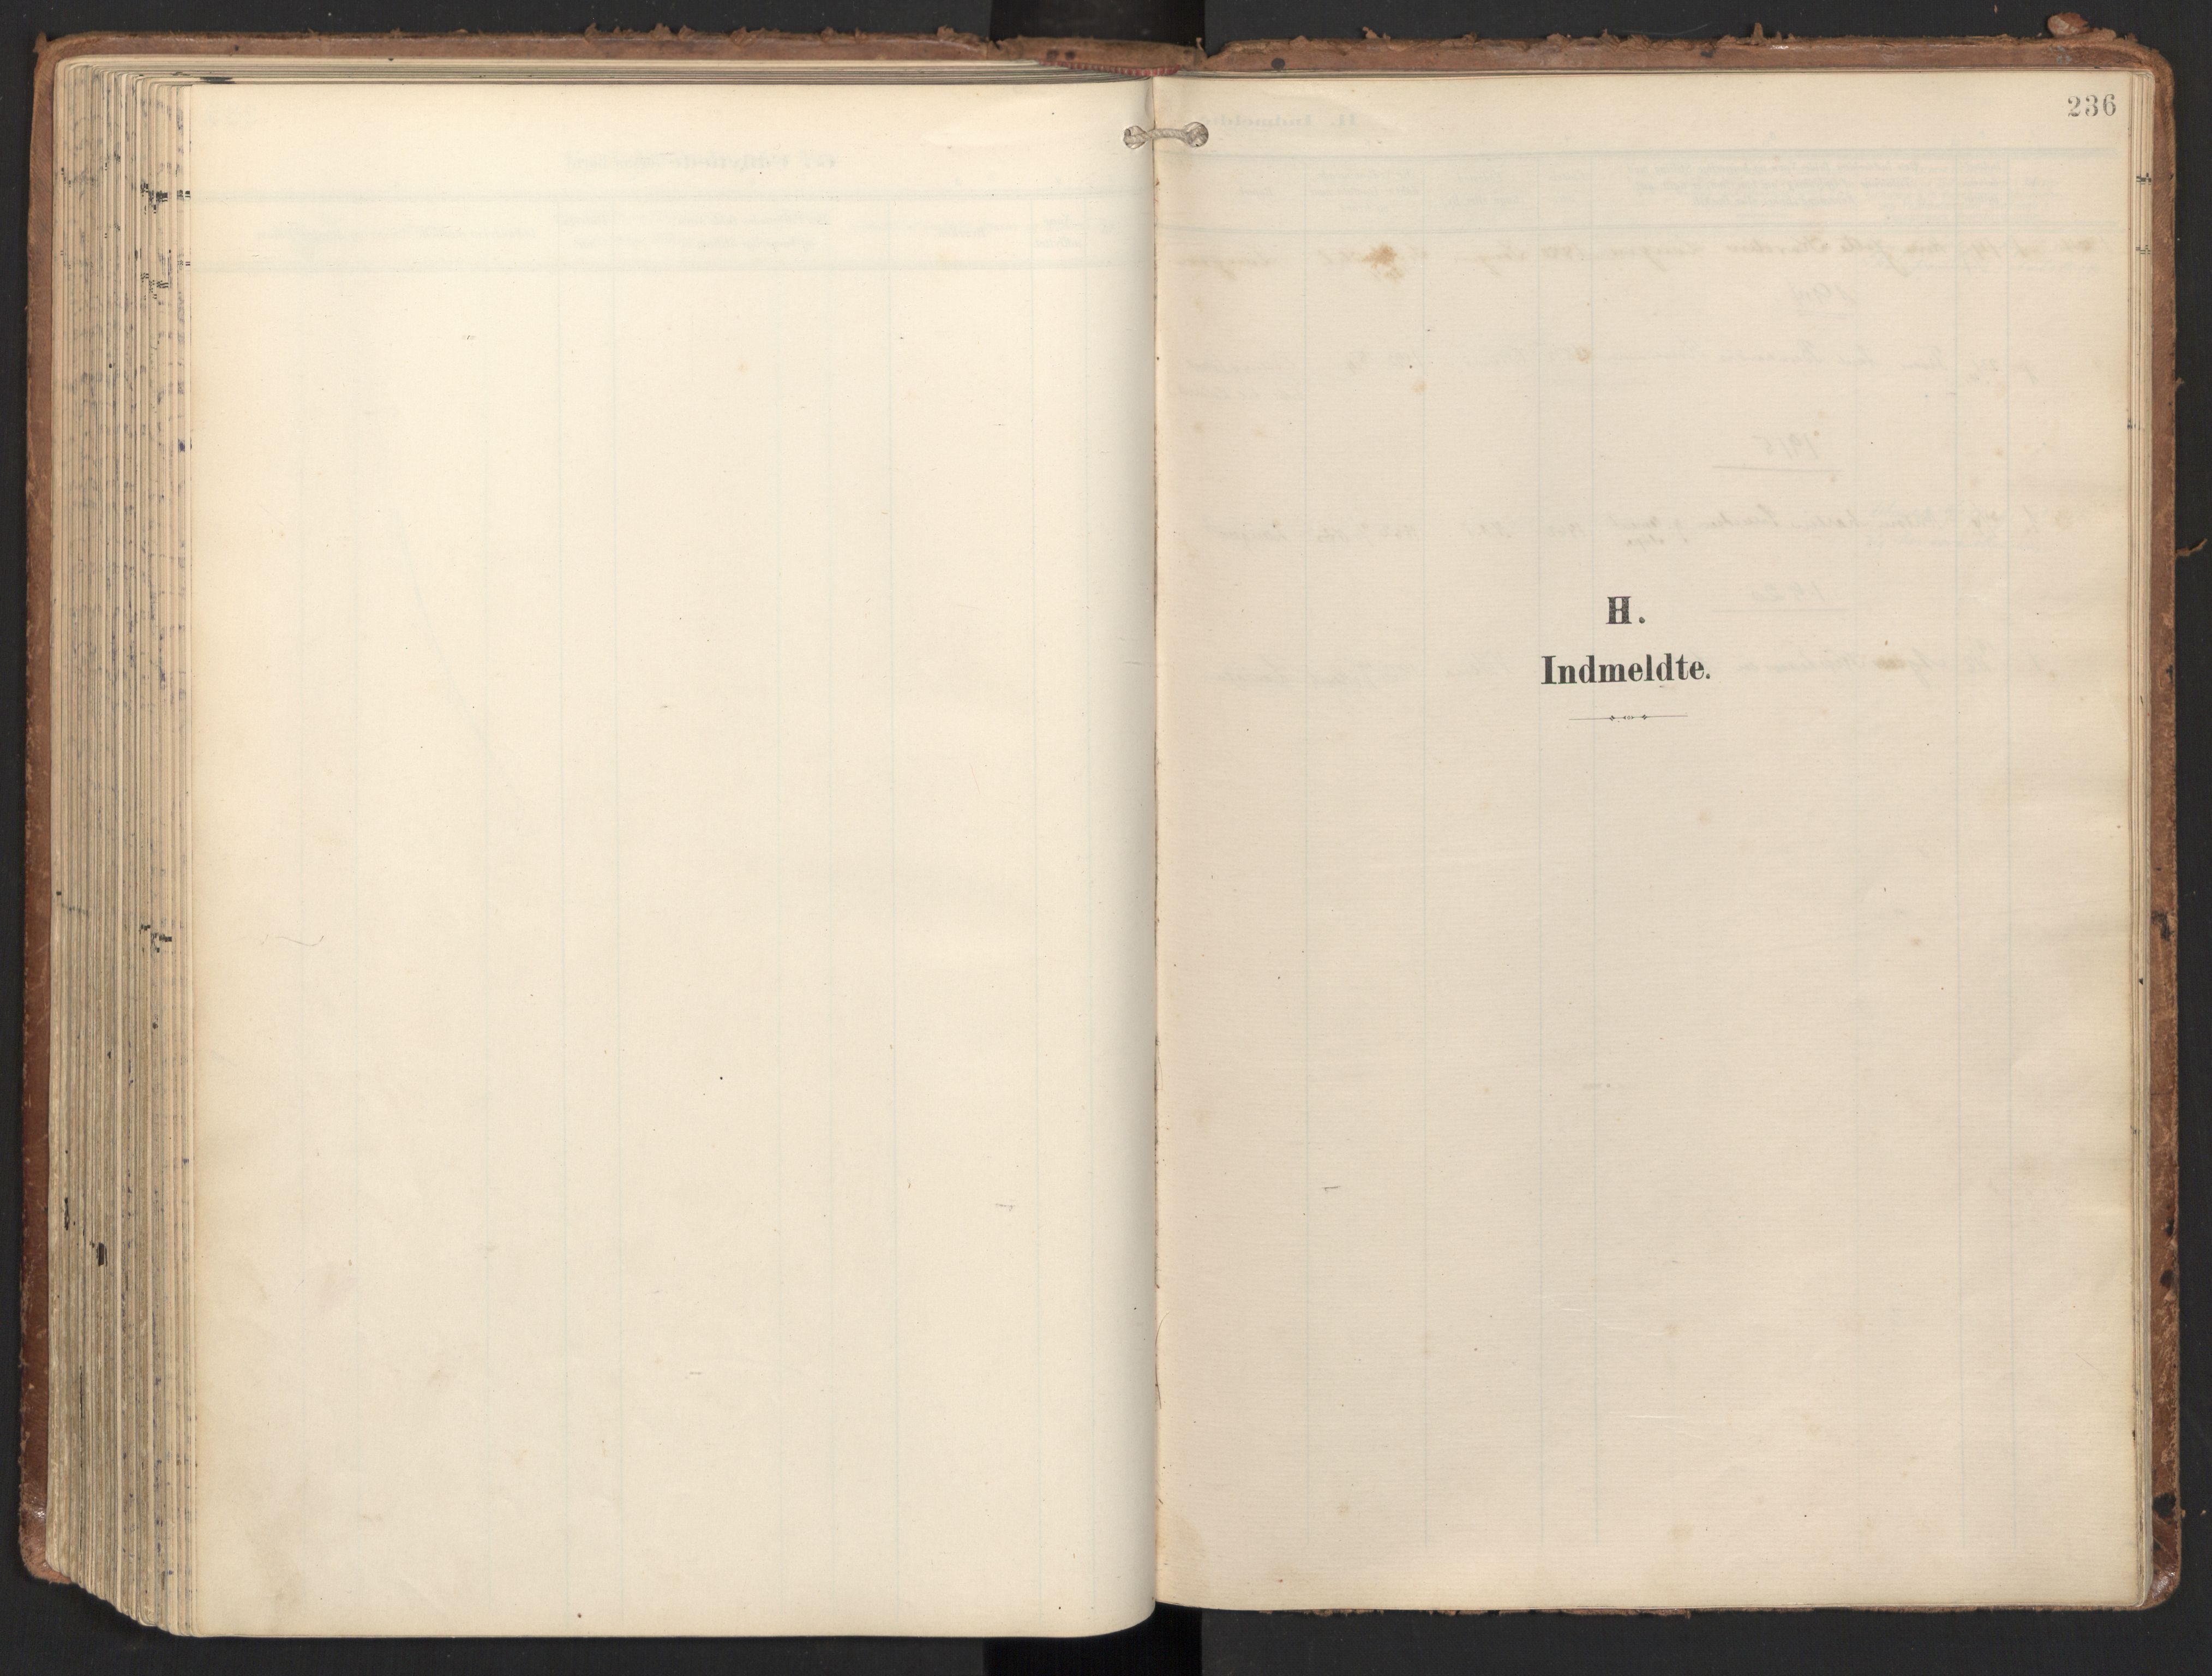 SAT, Ministerialprotokoller, klokkerbøker og fødselsregistre - Nord-Trøndelag, 784/L0677: Ministerialbok nr. 784A12, 1900-1920, s. 236